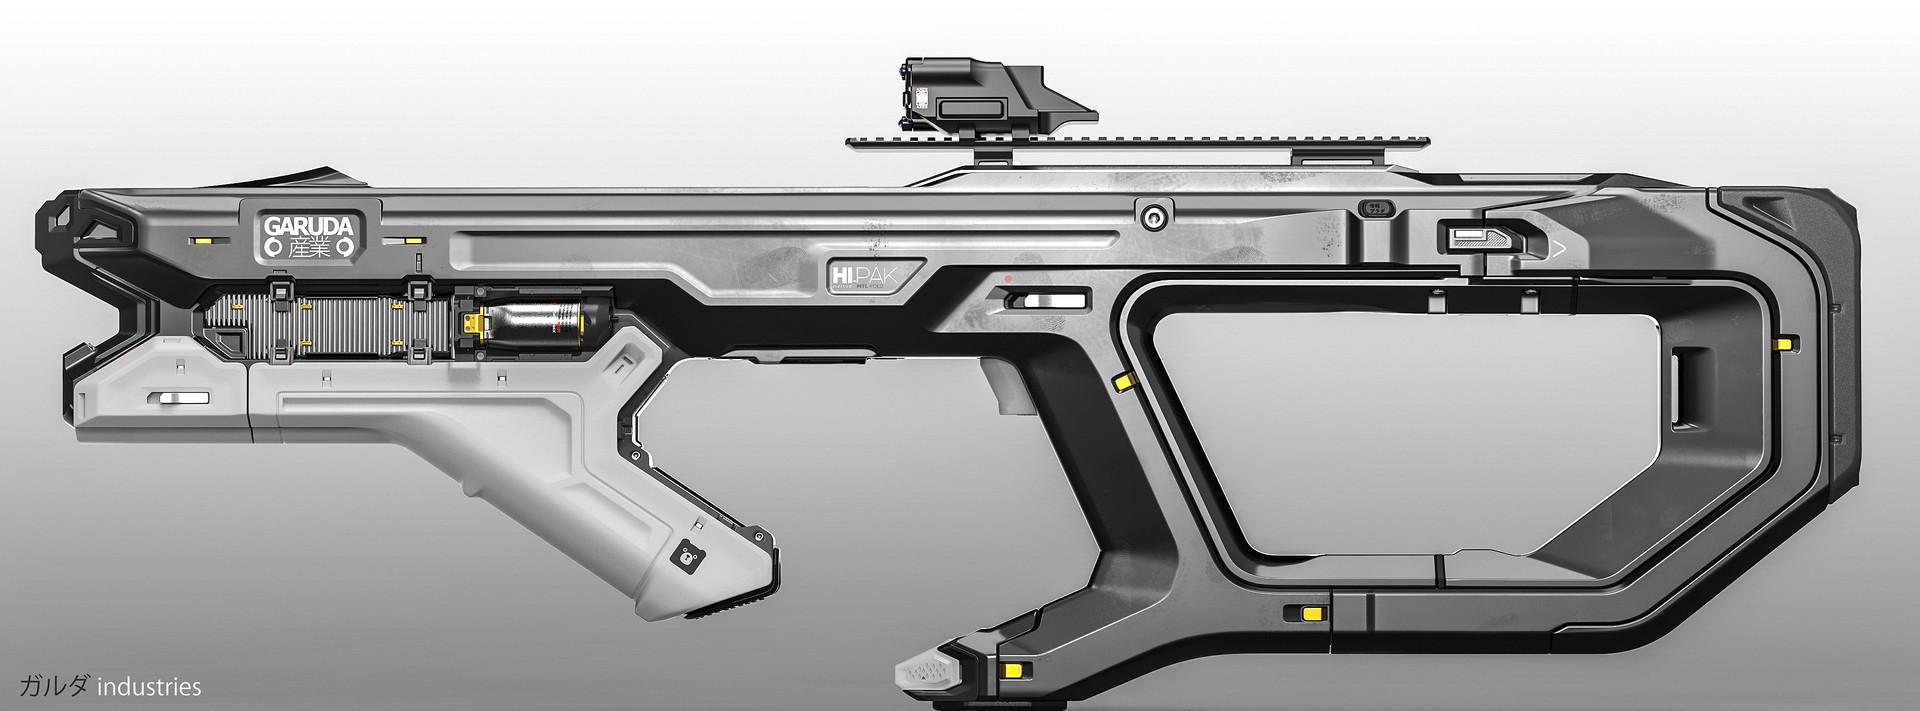 Alex senechal gun profile white a